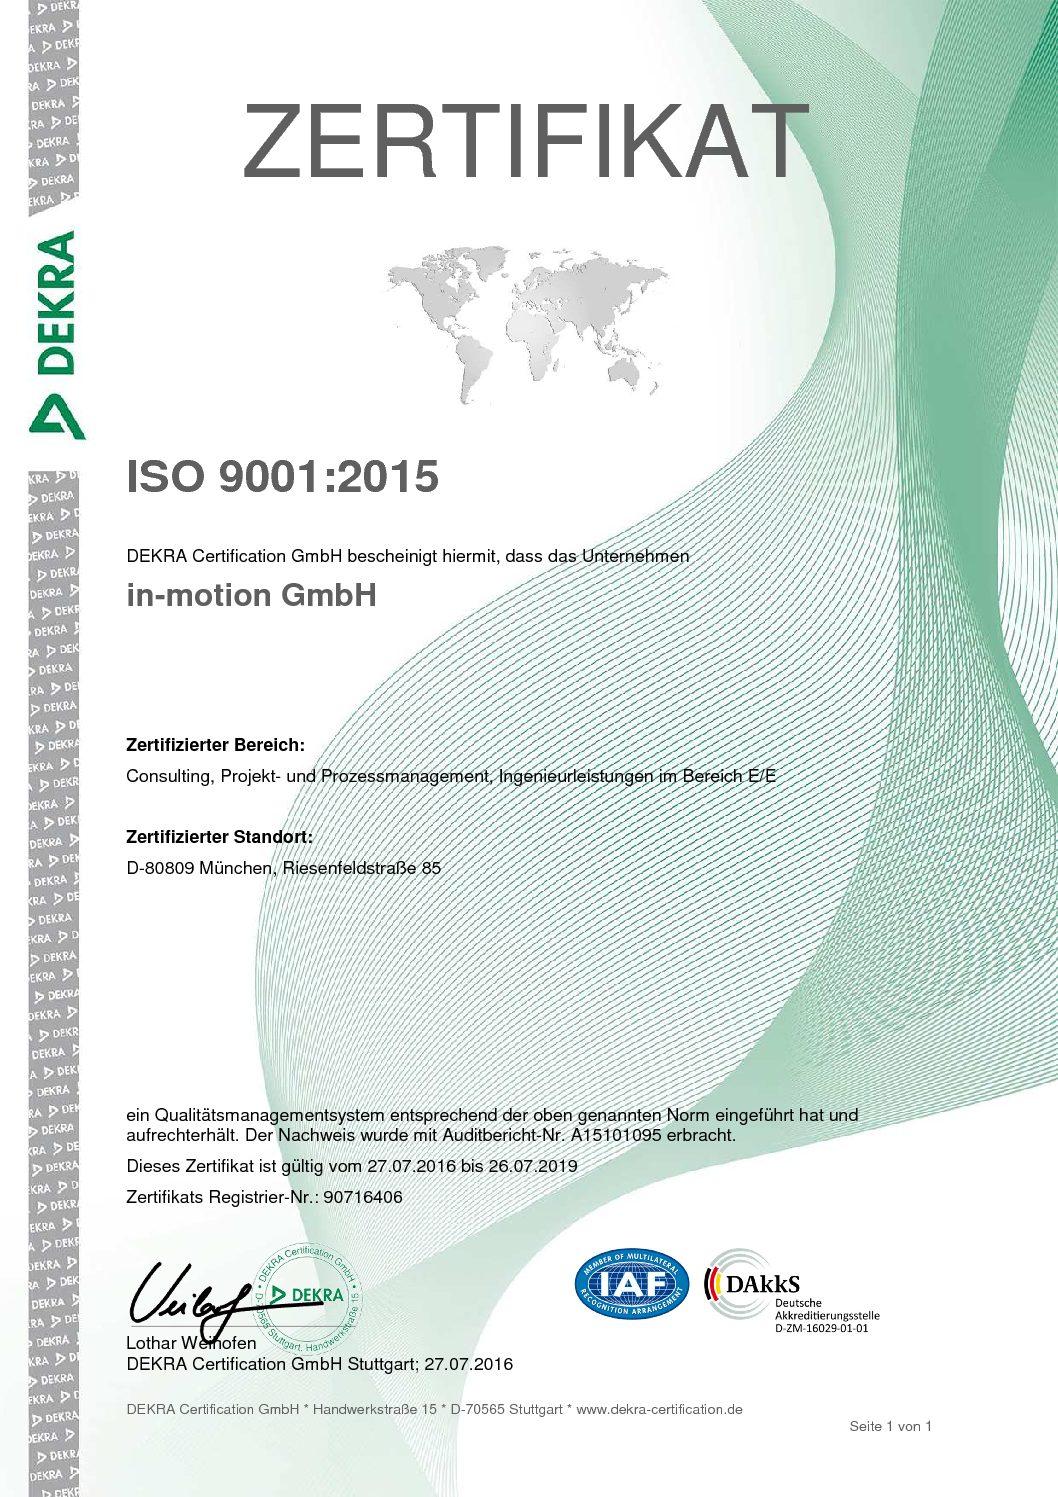 Zertifikat ISO 9901:2015